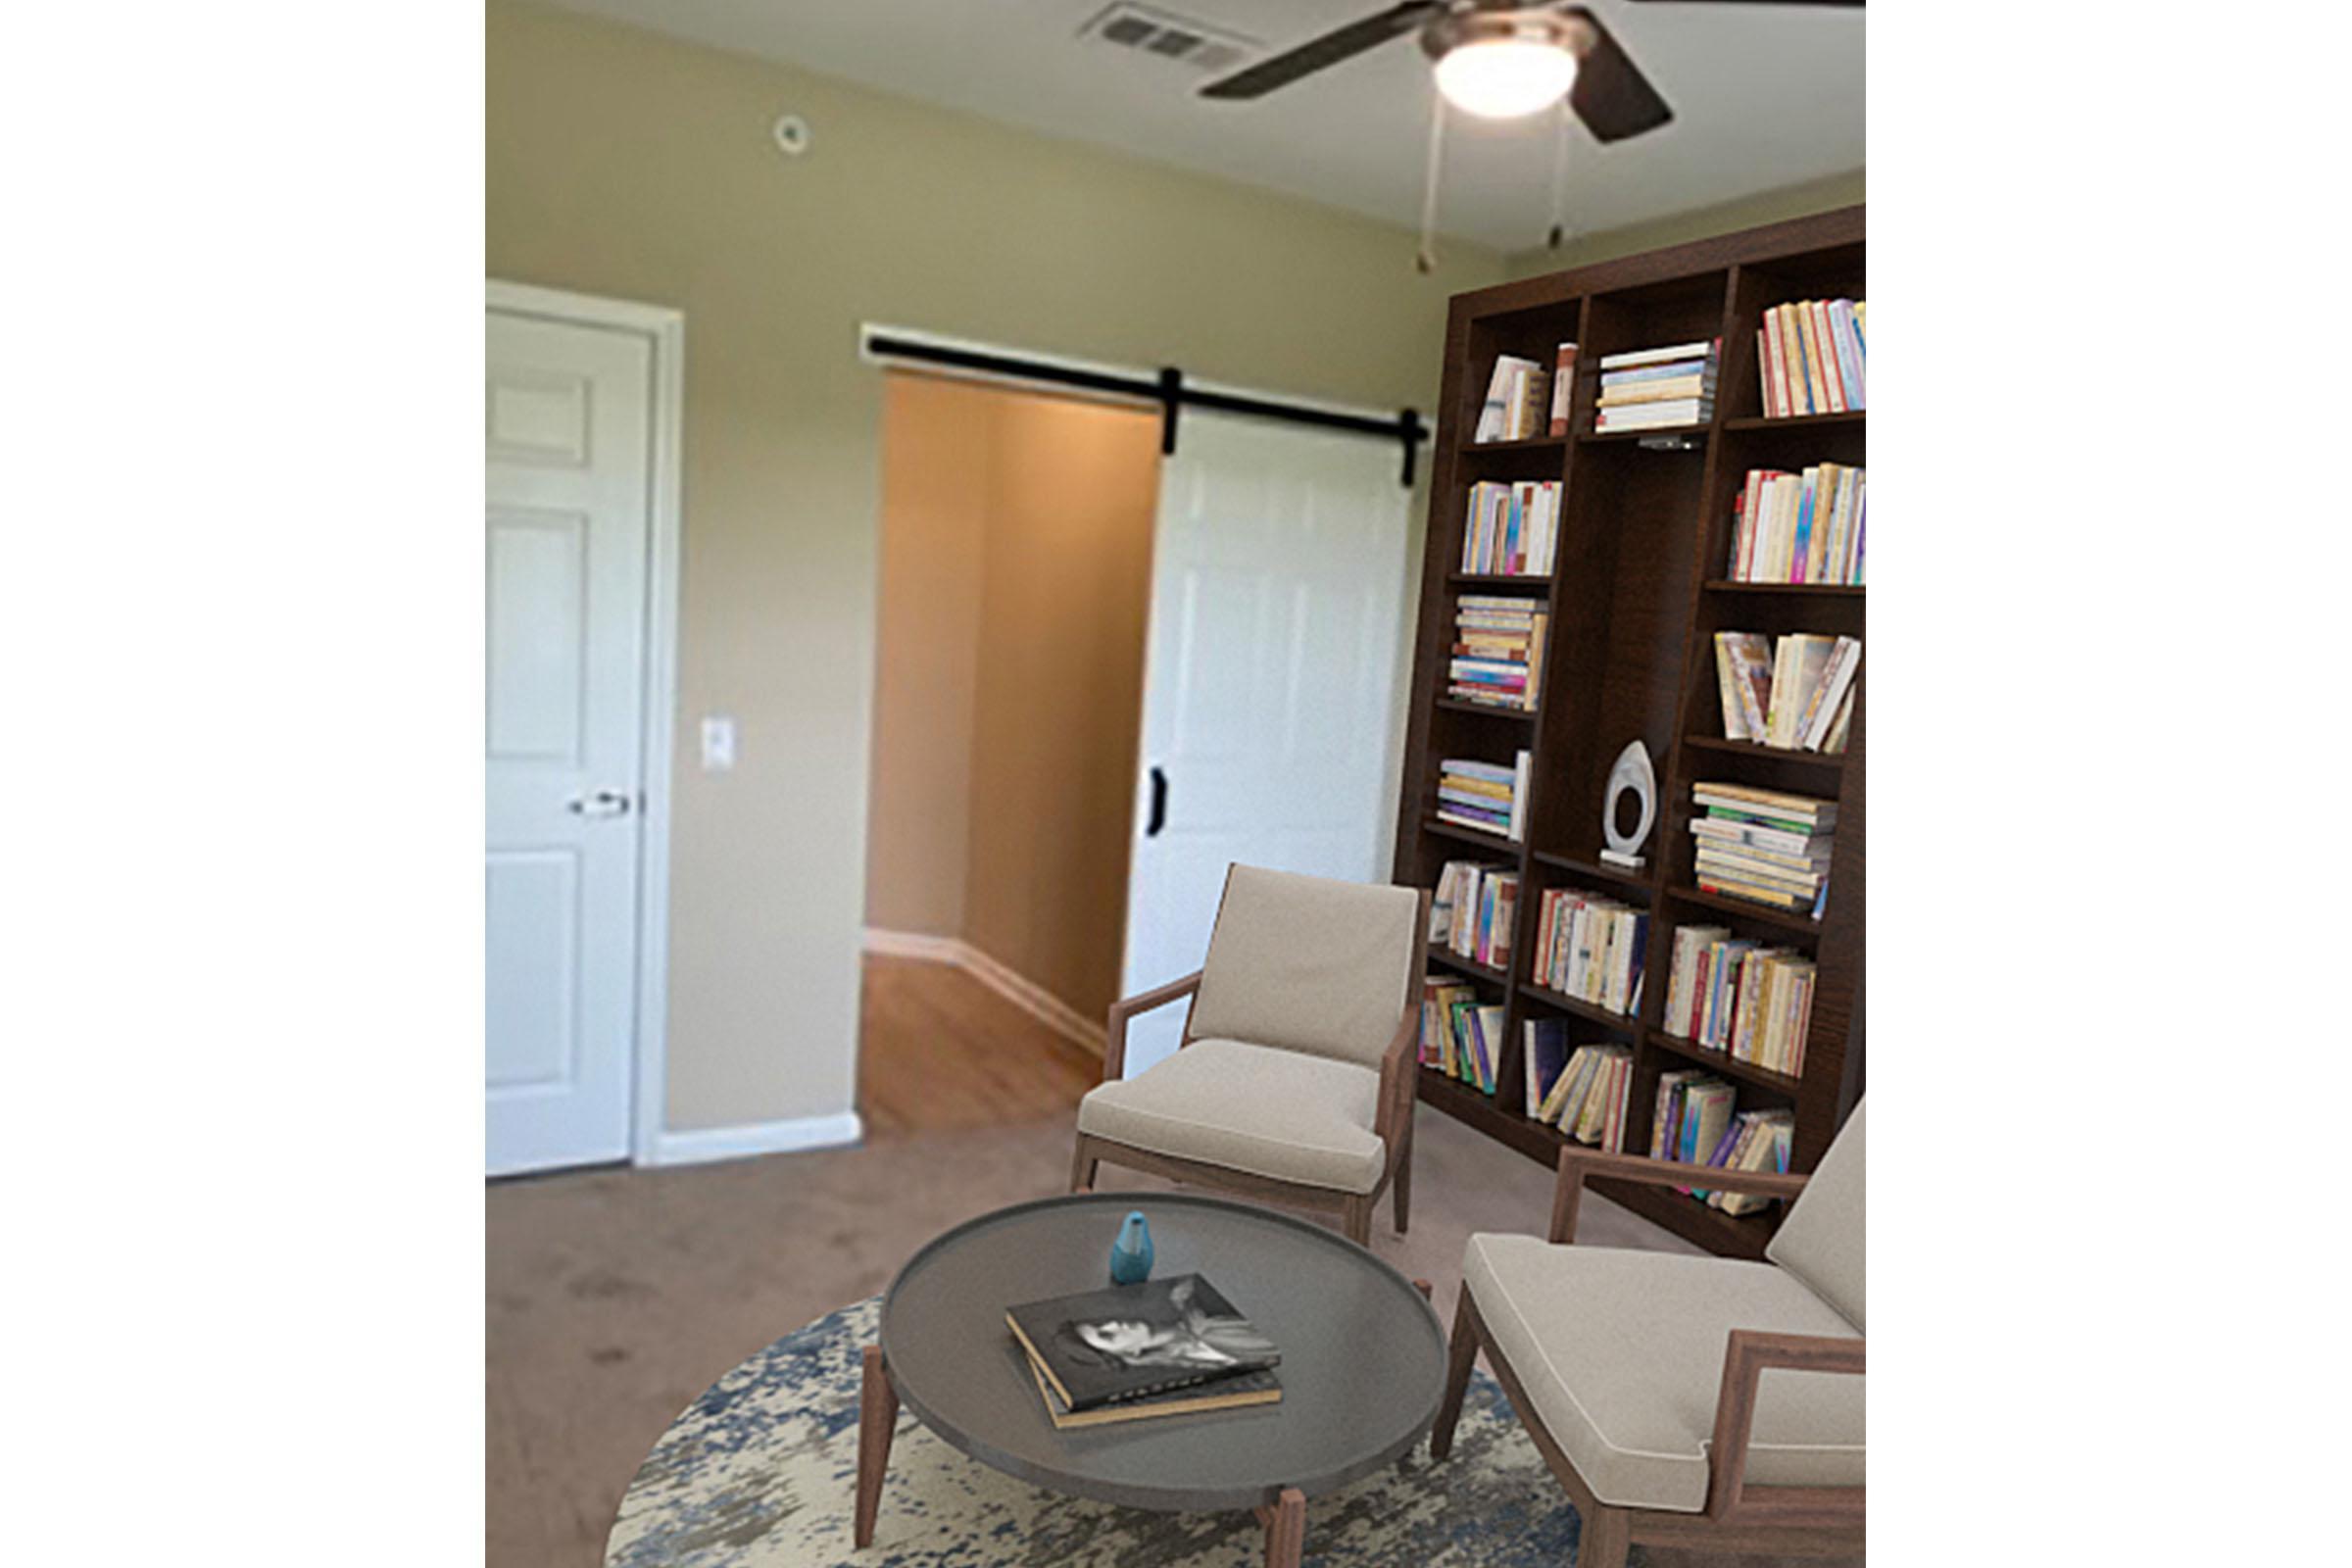 a living room with a book shelf